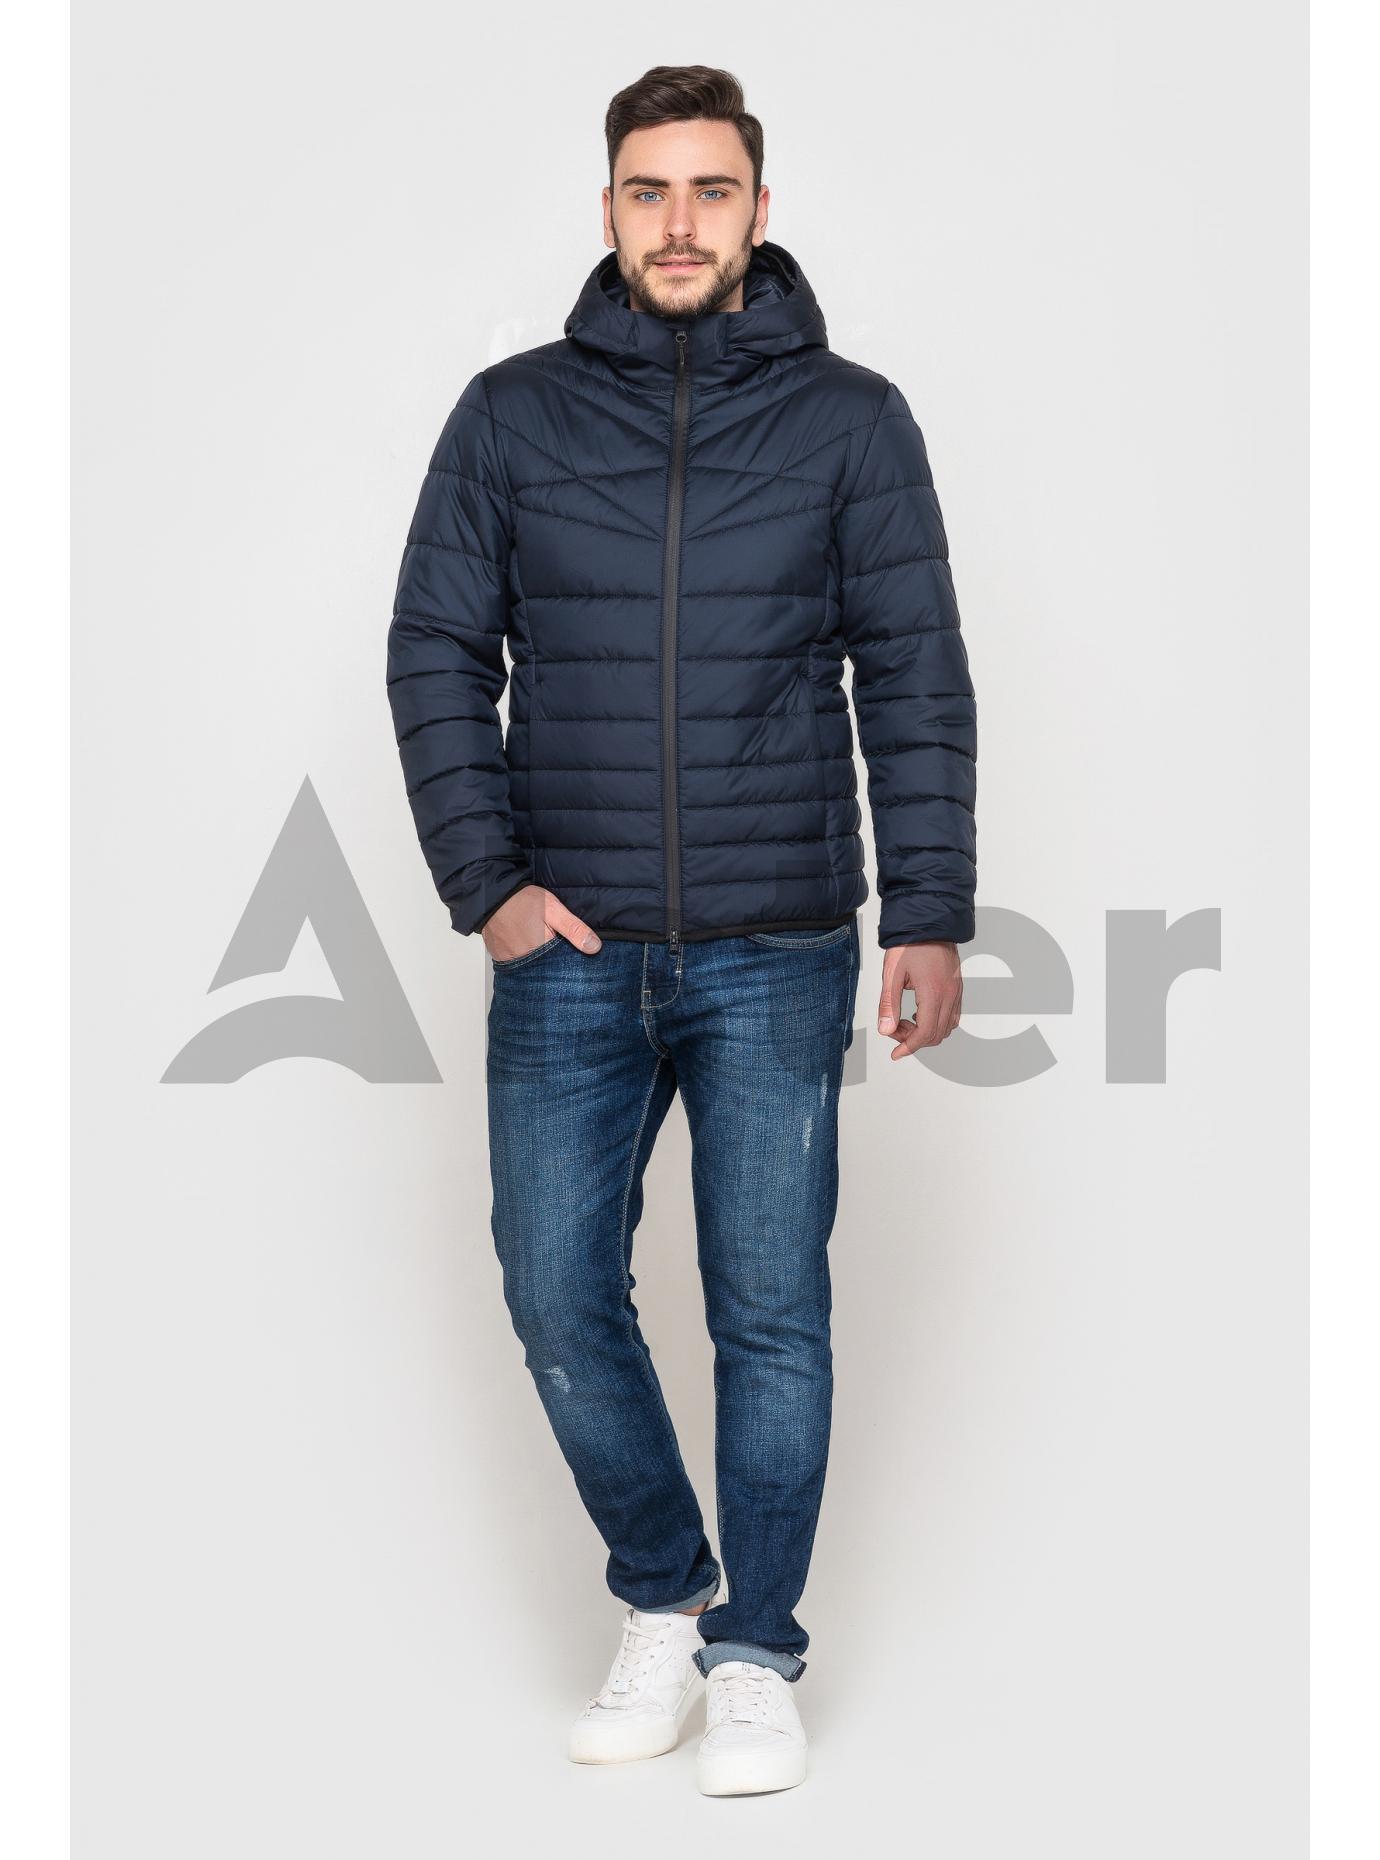 Куртка чоловіча з капюшоном Темно-синій 58 (02-MT21040): фото - Alster.ua